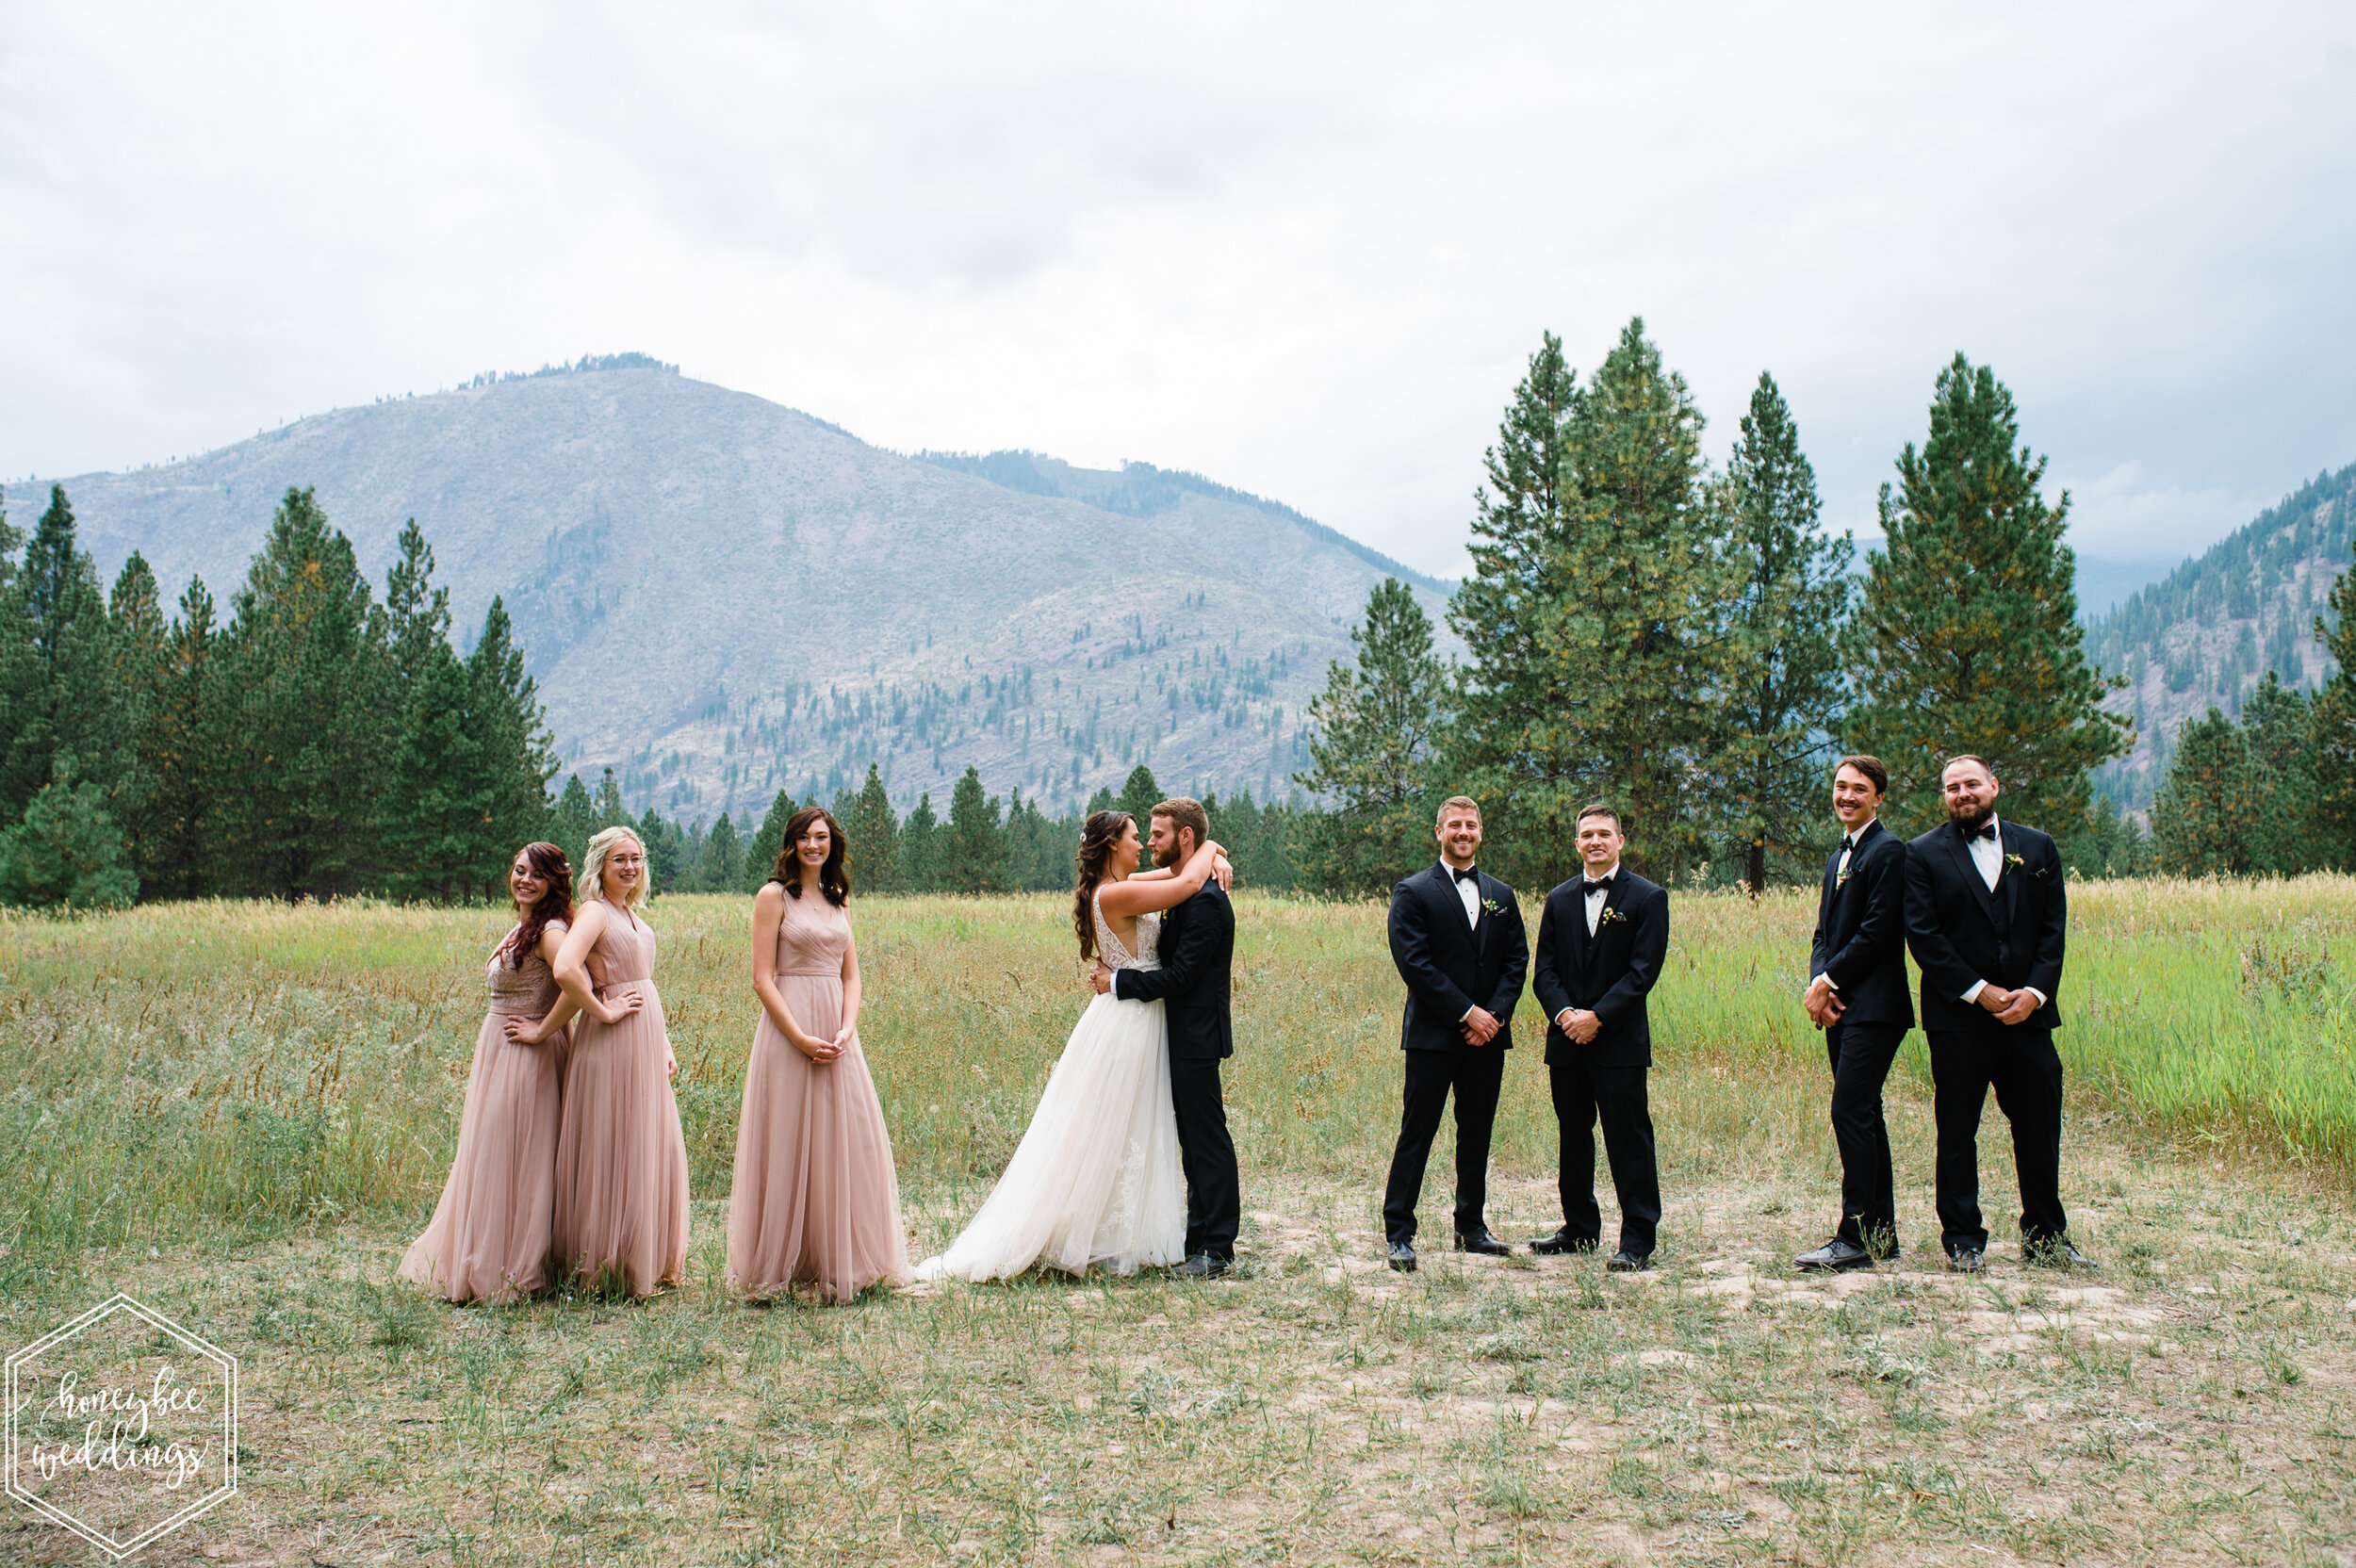 087White Raven Wedding_Montana Wedding Photographer_Corey & Corey_Honeybee Weddings_September 06, 2019-1608.jpg